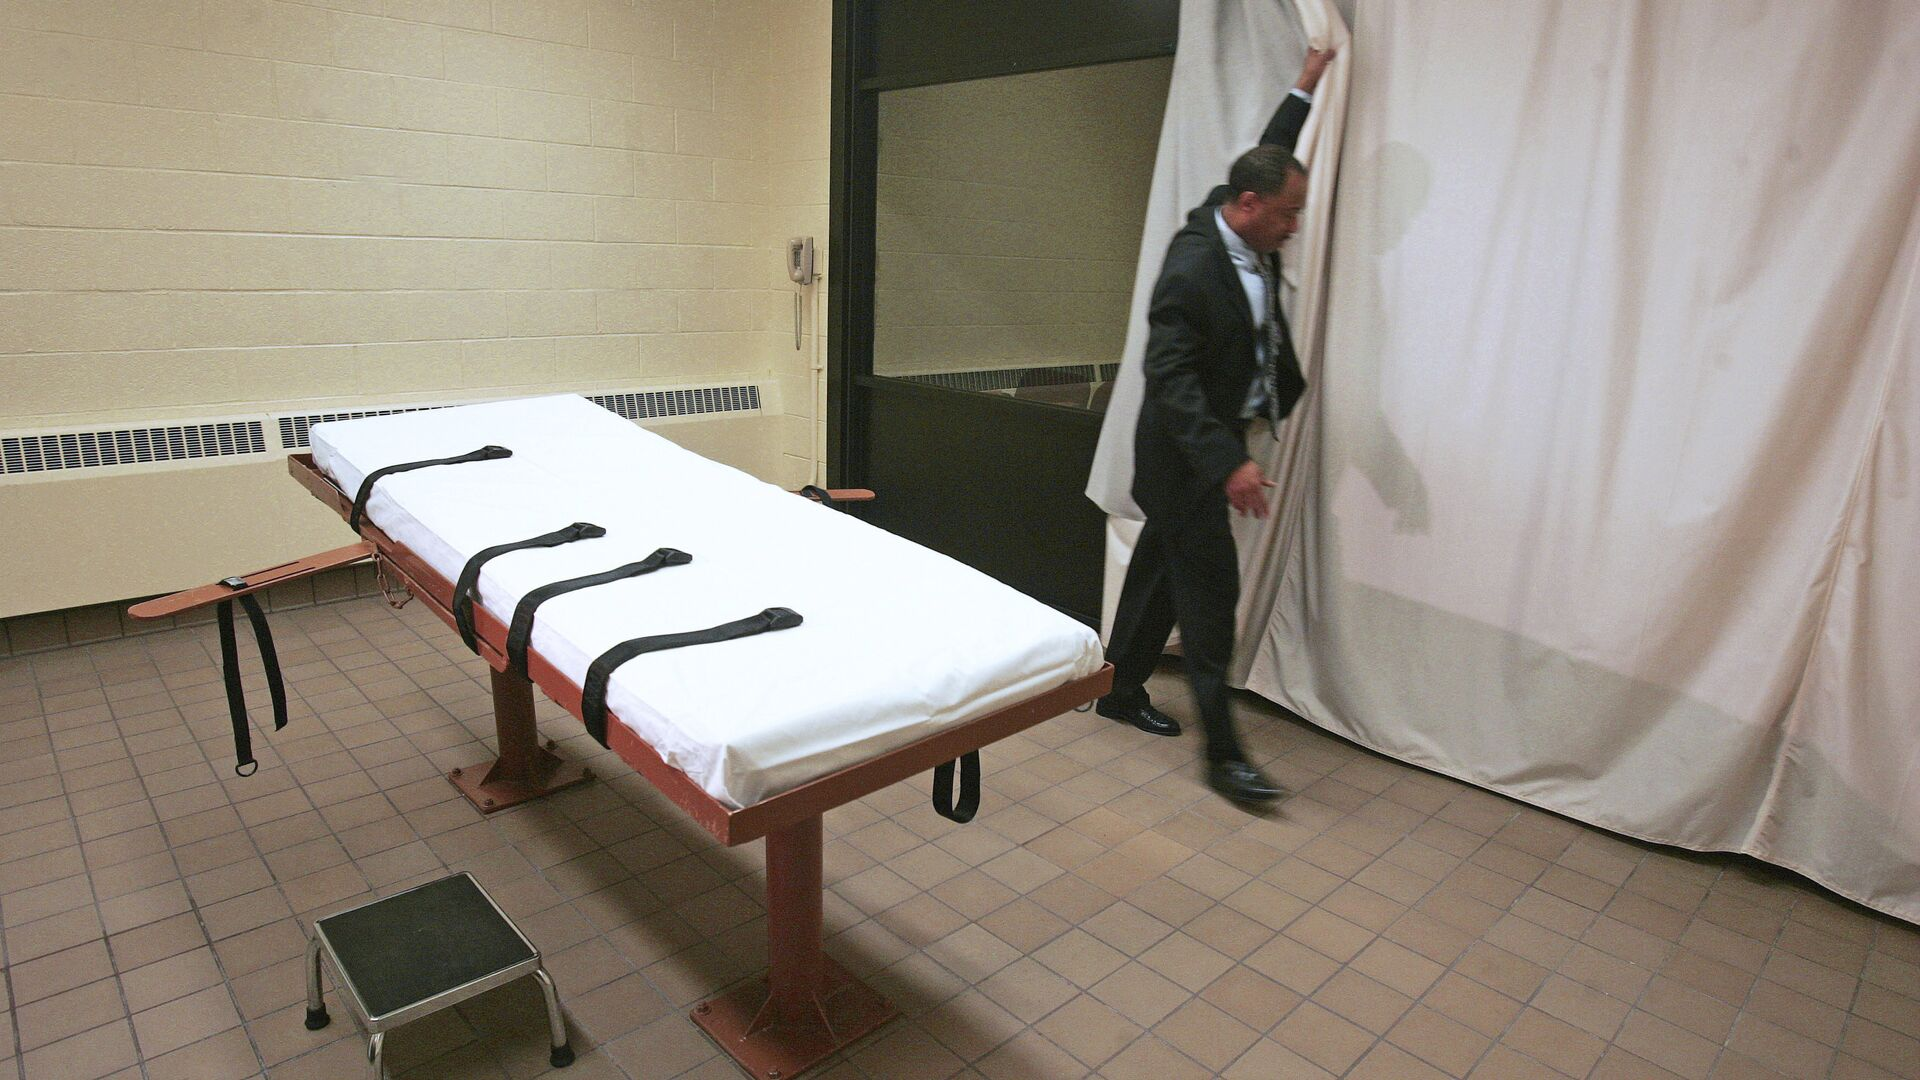 Комната, где приводится в исполнение смертный приговор через смертельную инъекцию, в тюрьме штата Огайо, США - РИА Новости, 1920, 02.07.2021